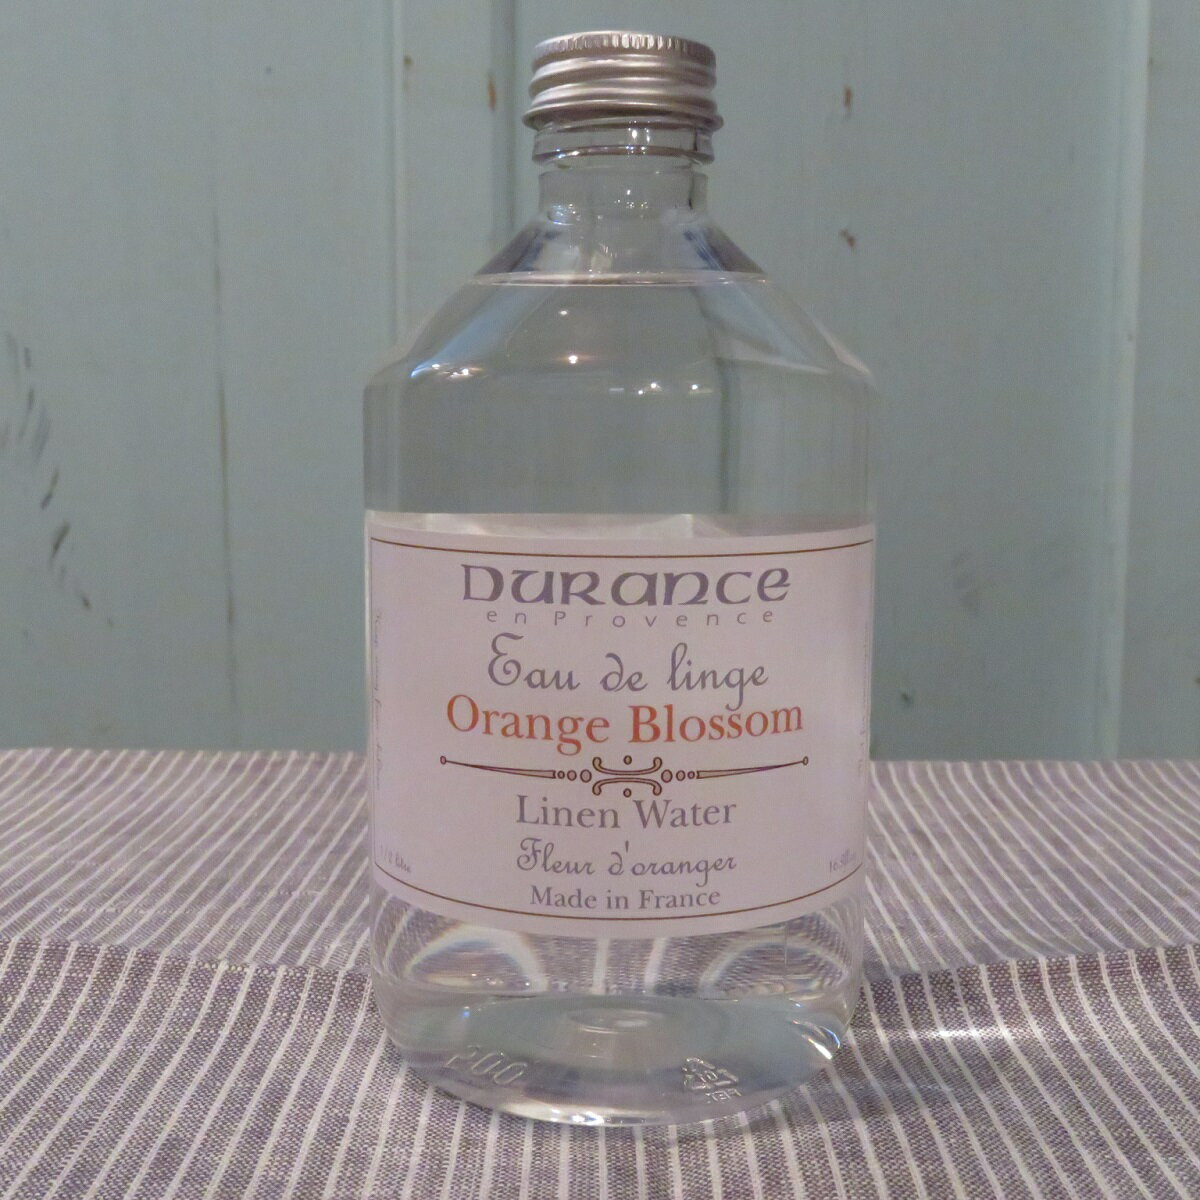 DURANCEデュランス リネンウォーター500ml フラワーオレンジ【1805】【ポイント10倍】